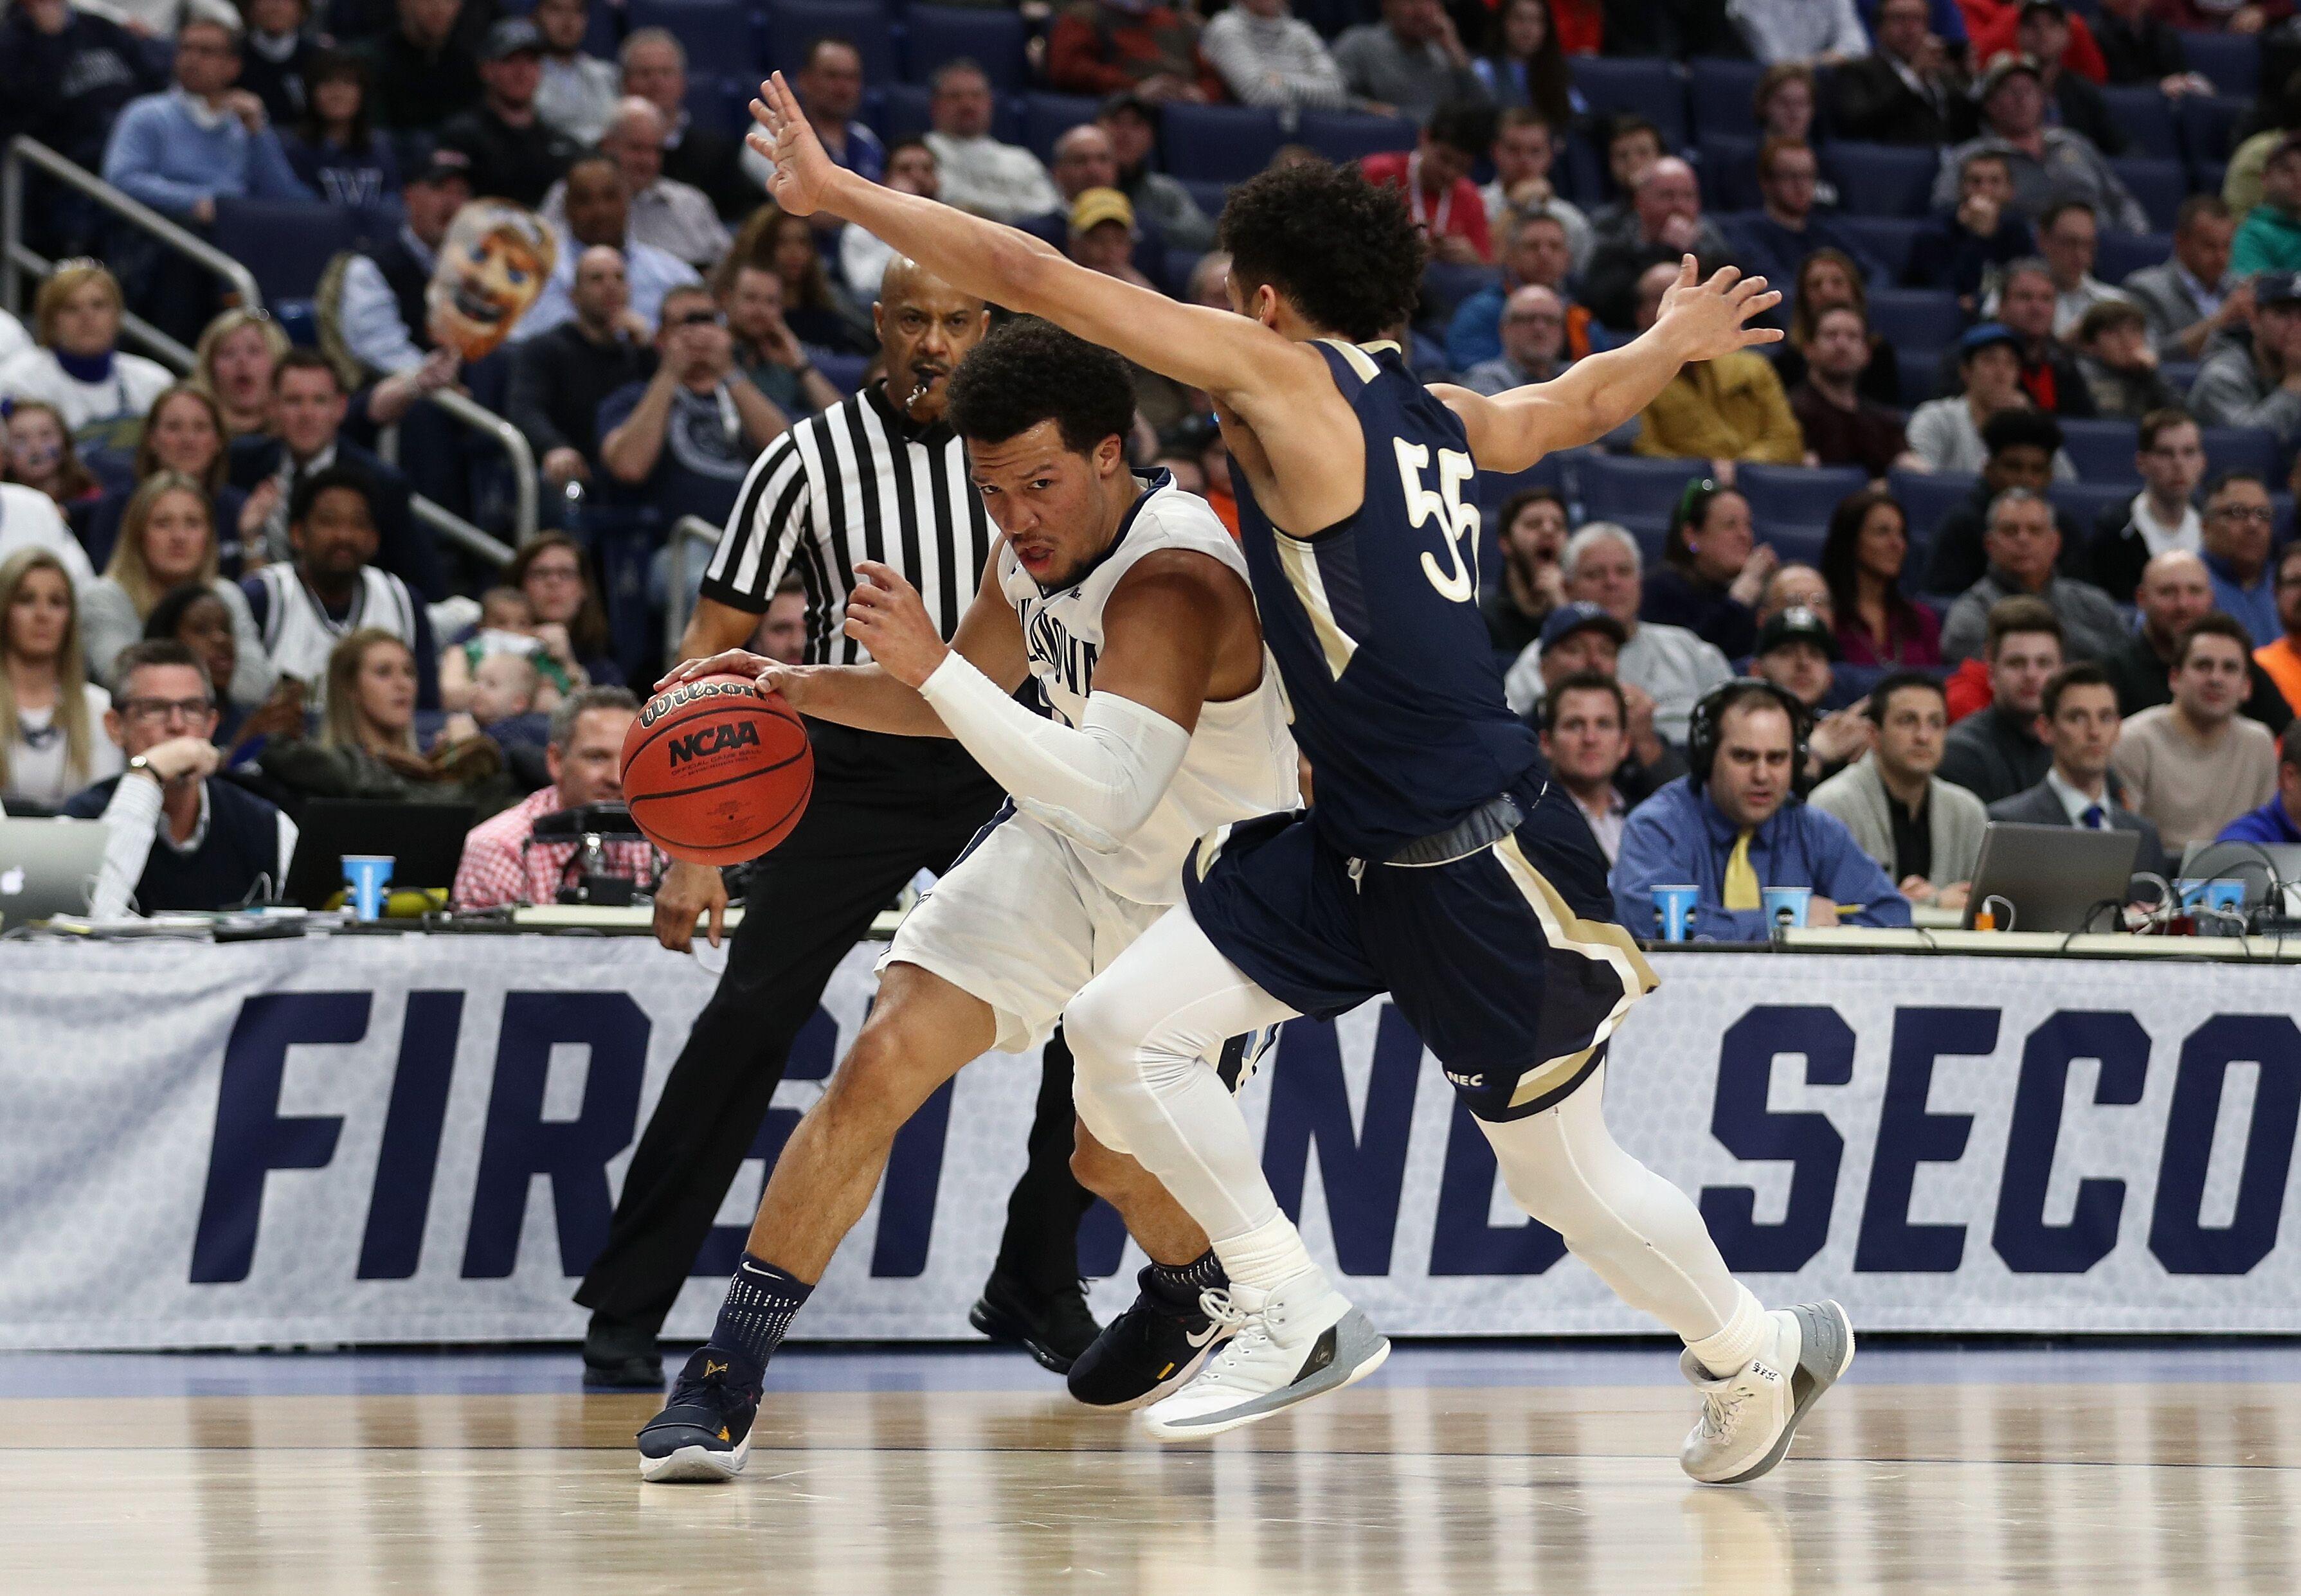 Kentucky Basketball 2017 18 Season Preview For The Wildcats: Villanova Wildcats: 2017-18 Basketball Season Perview